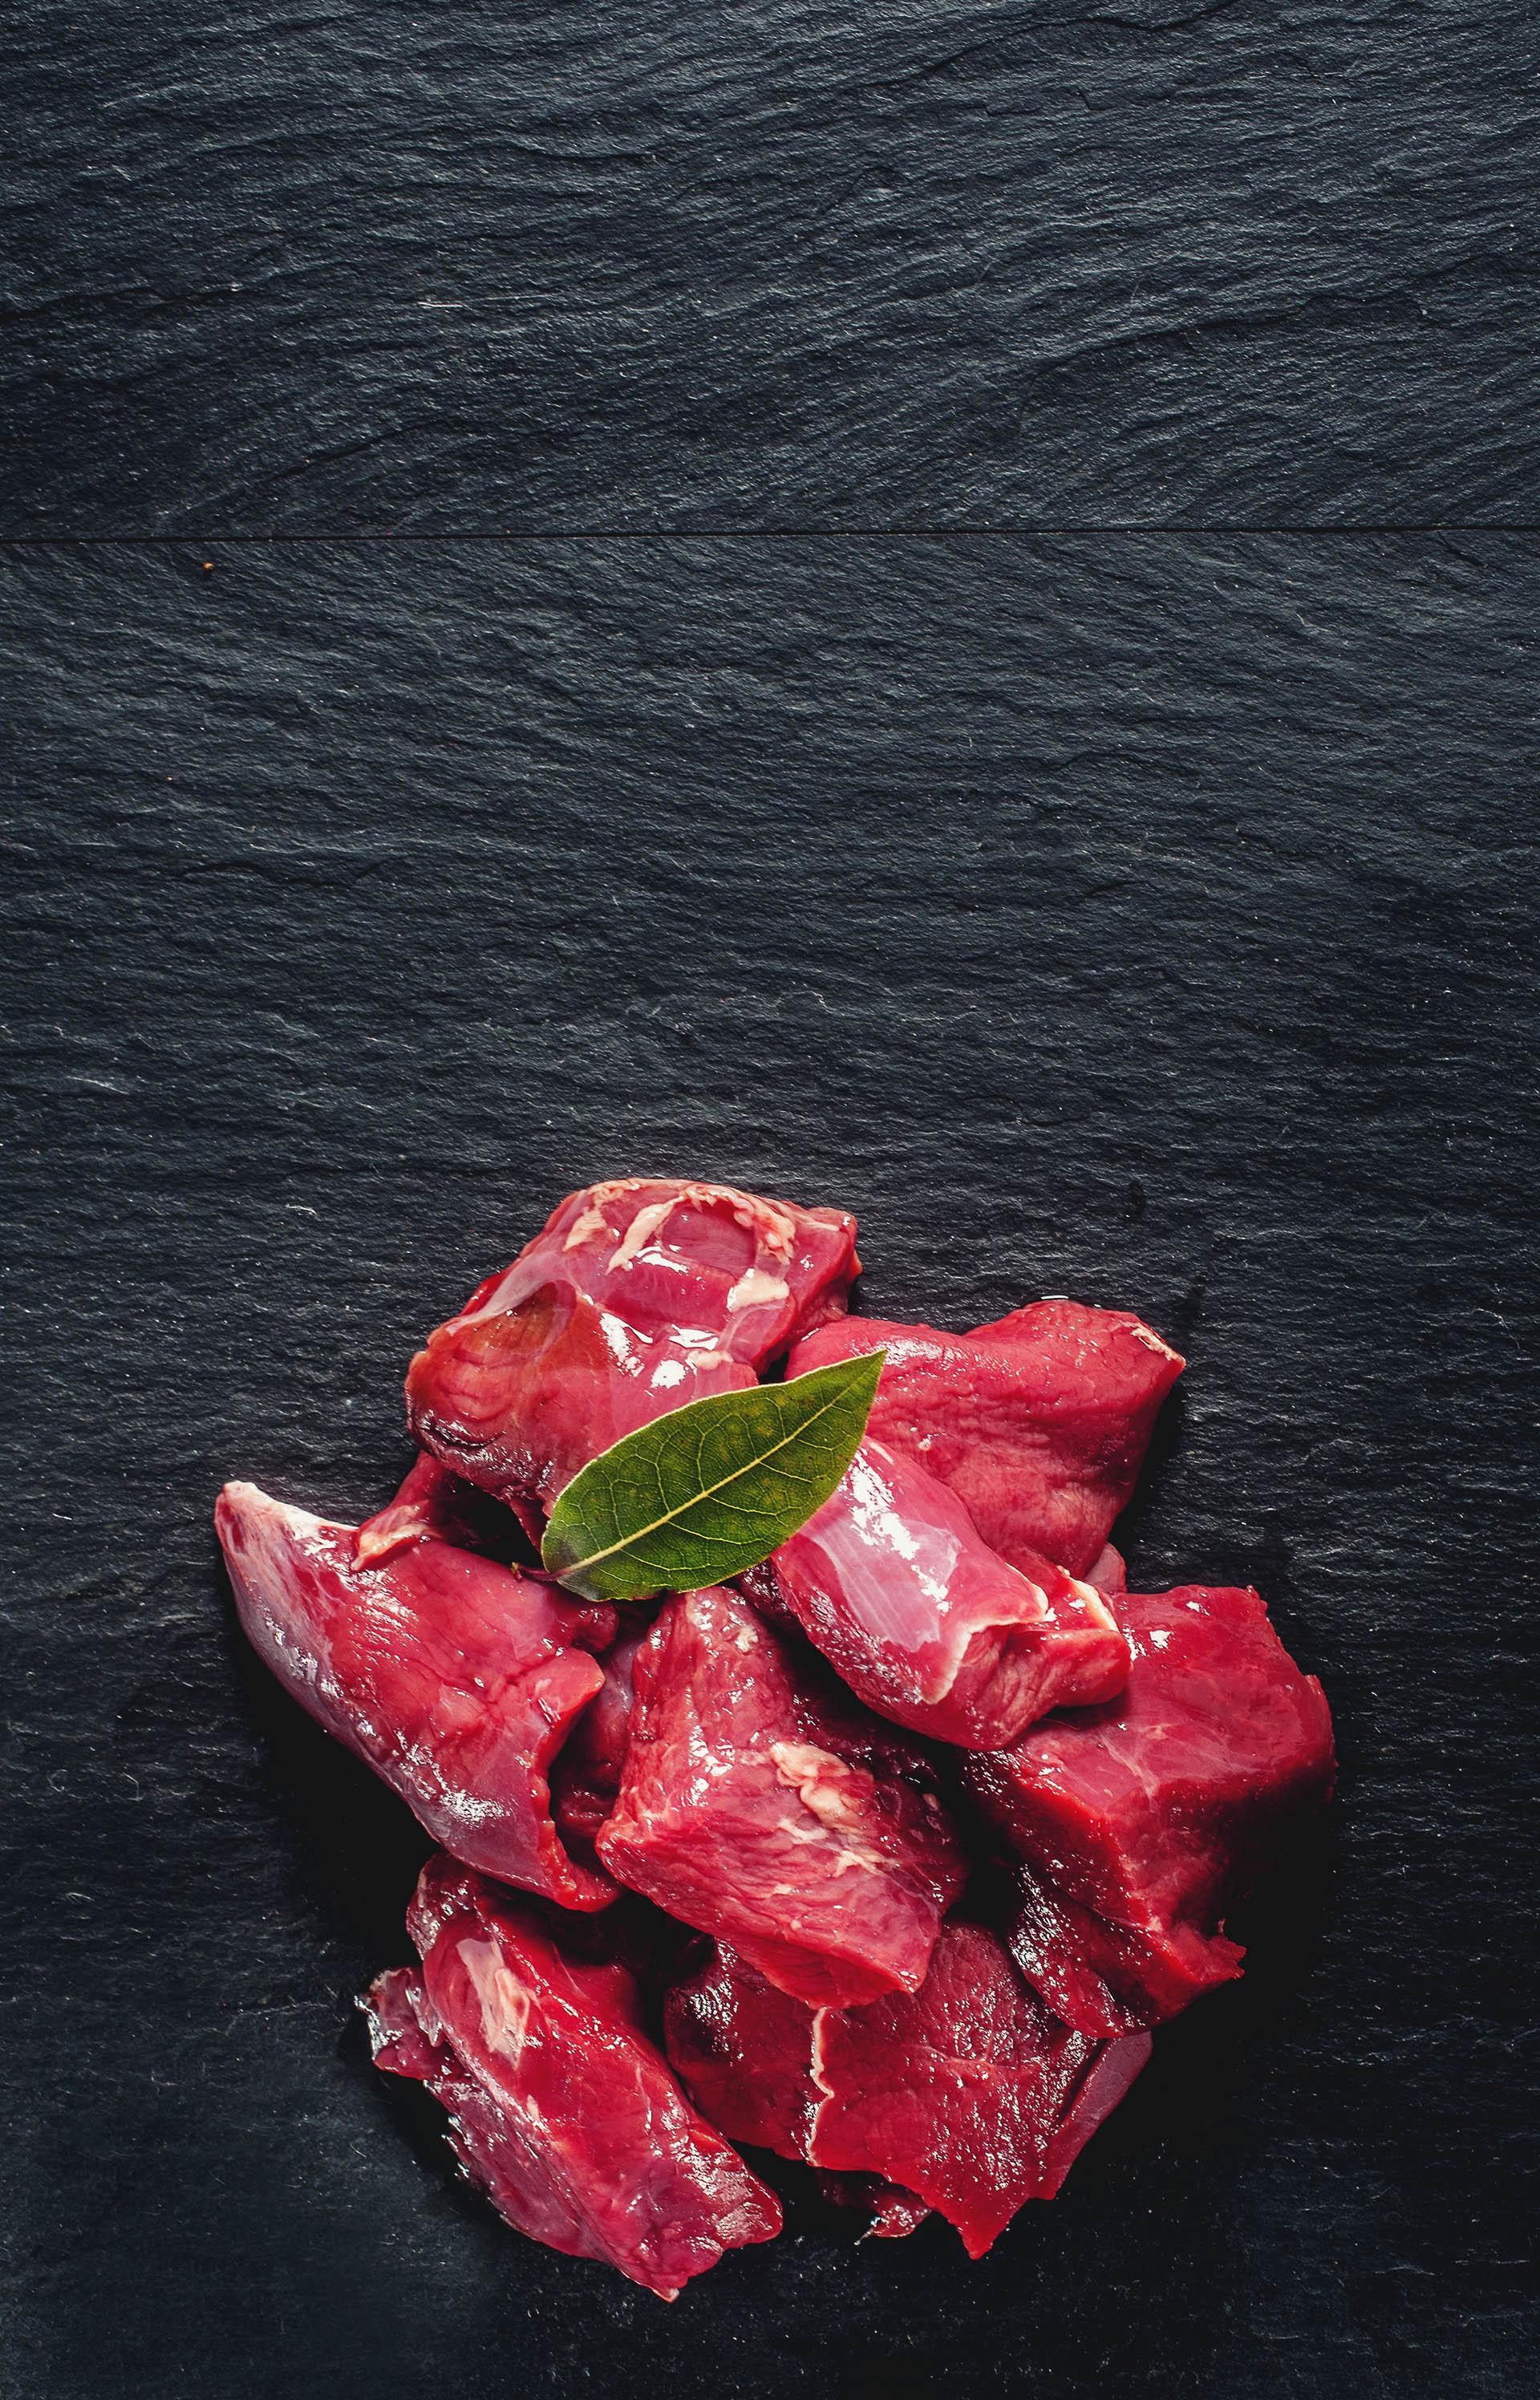 Cervine venison for a tasty venison goulash